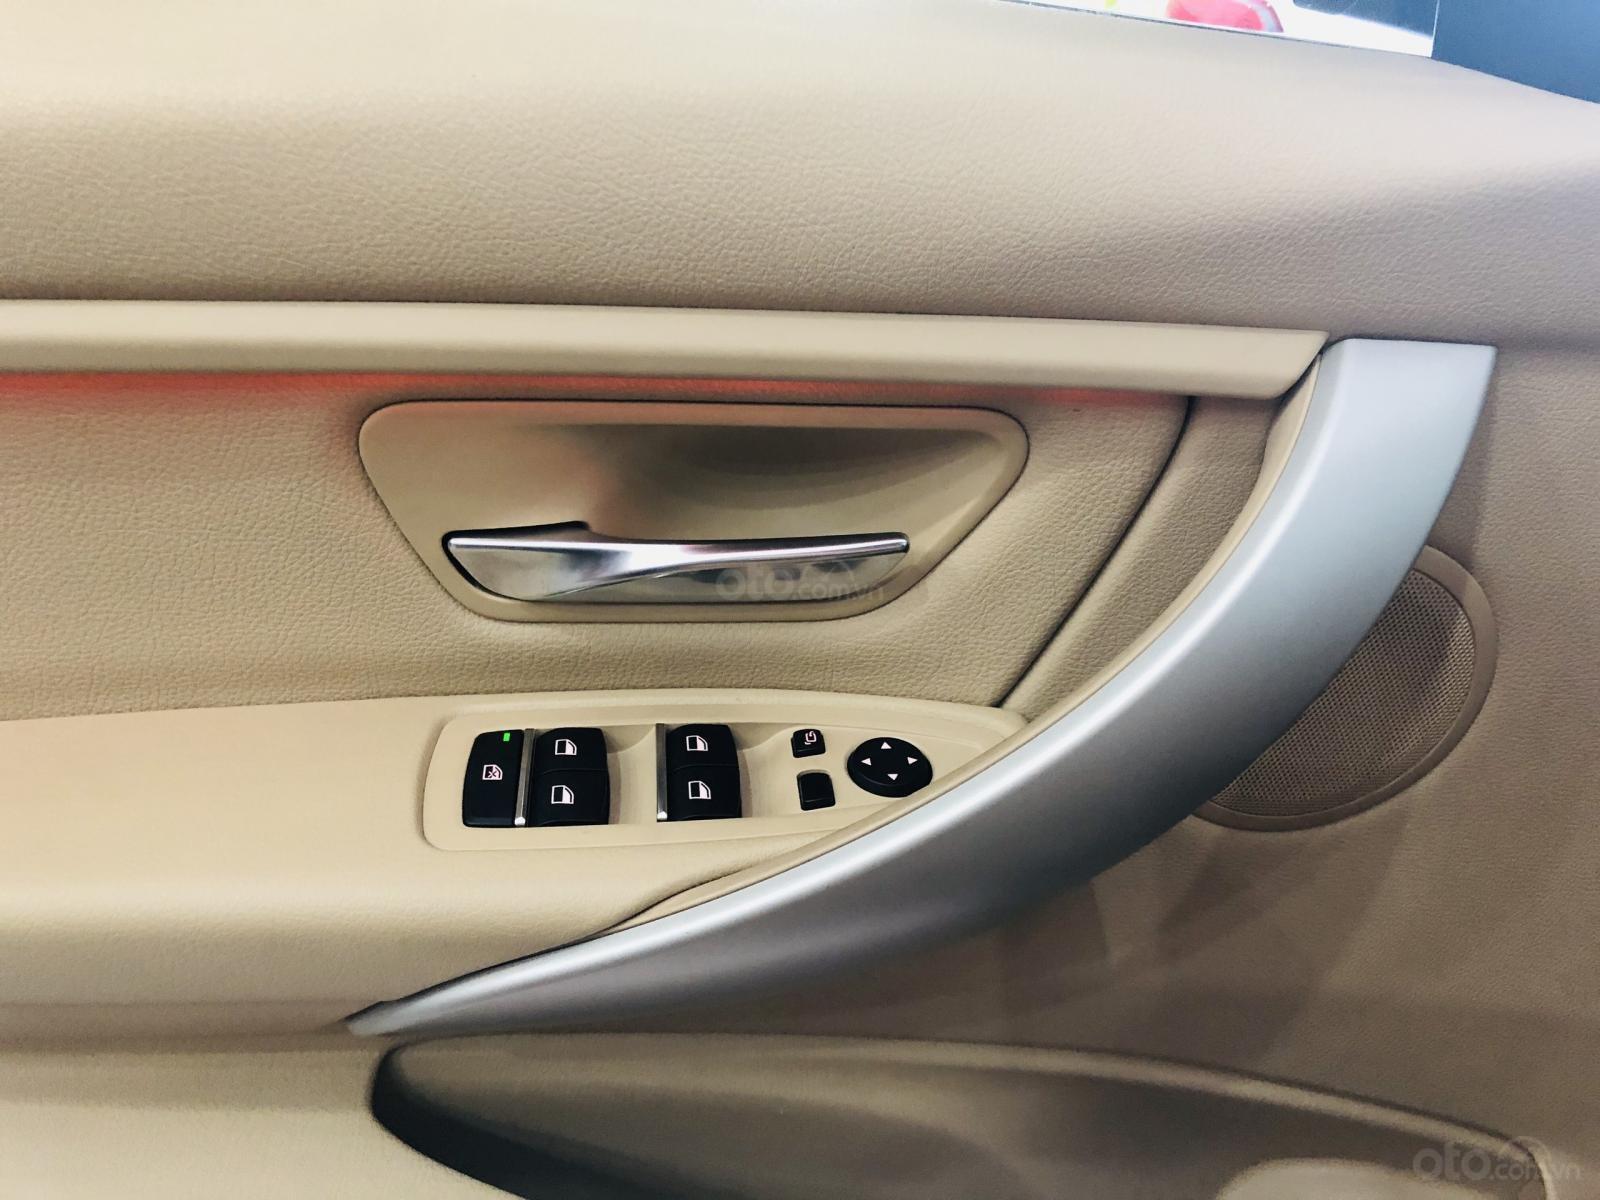 Bán BMW 320i sản xuất 2016 nâu nội thất kem, xe đẹp đi đúng 12.000km cam kết xe không lỗi bao kiểm tra hãng (7)